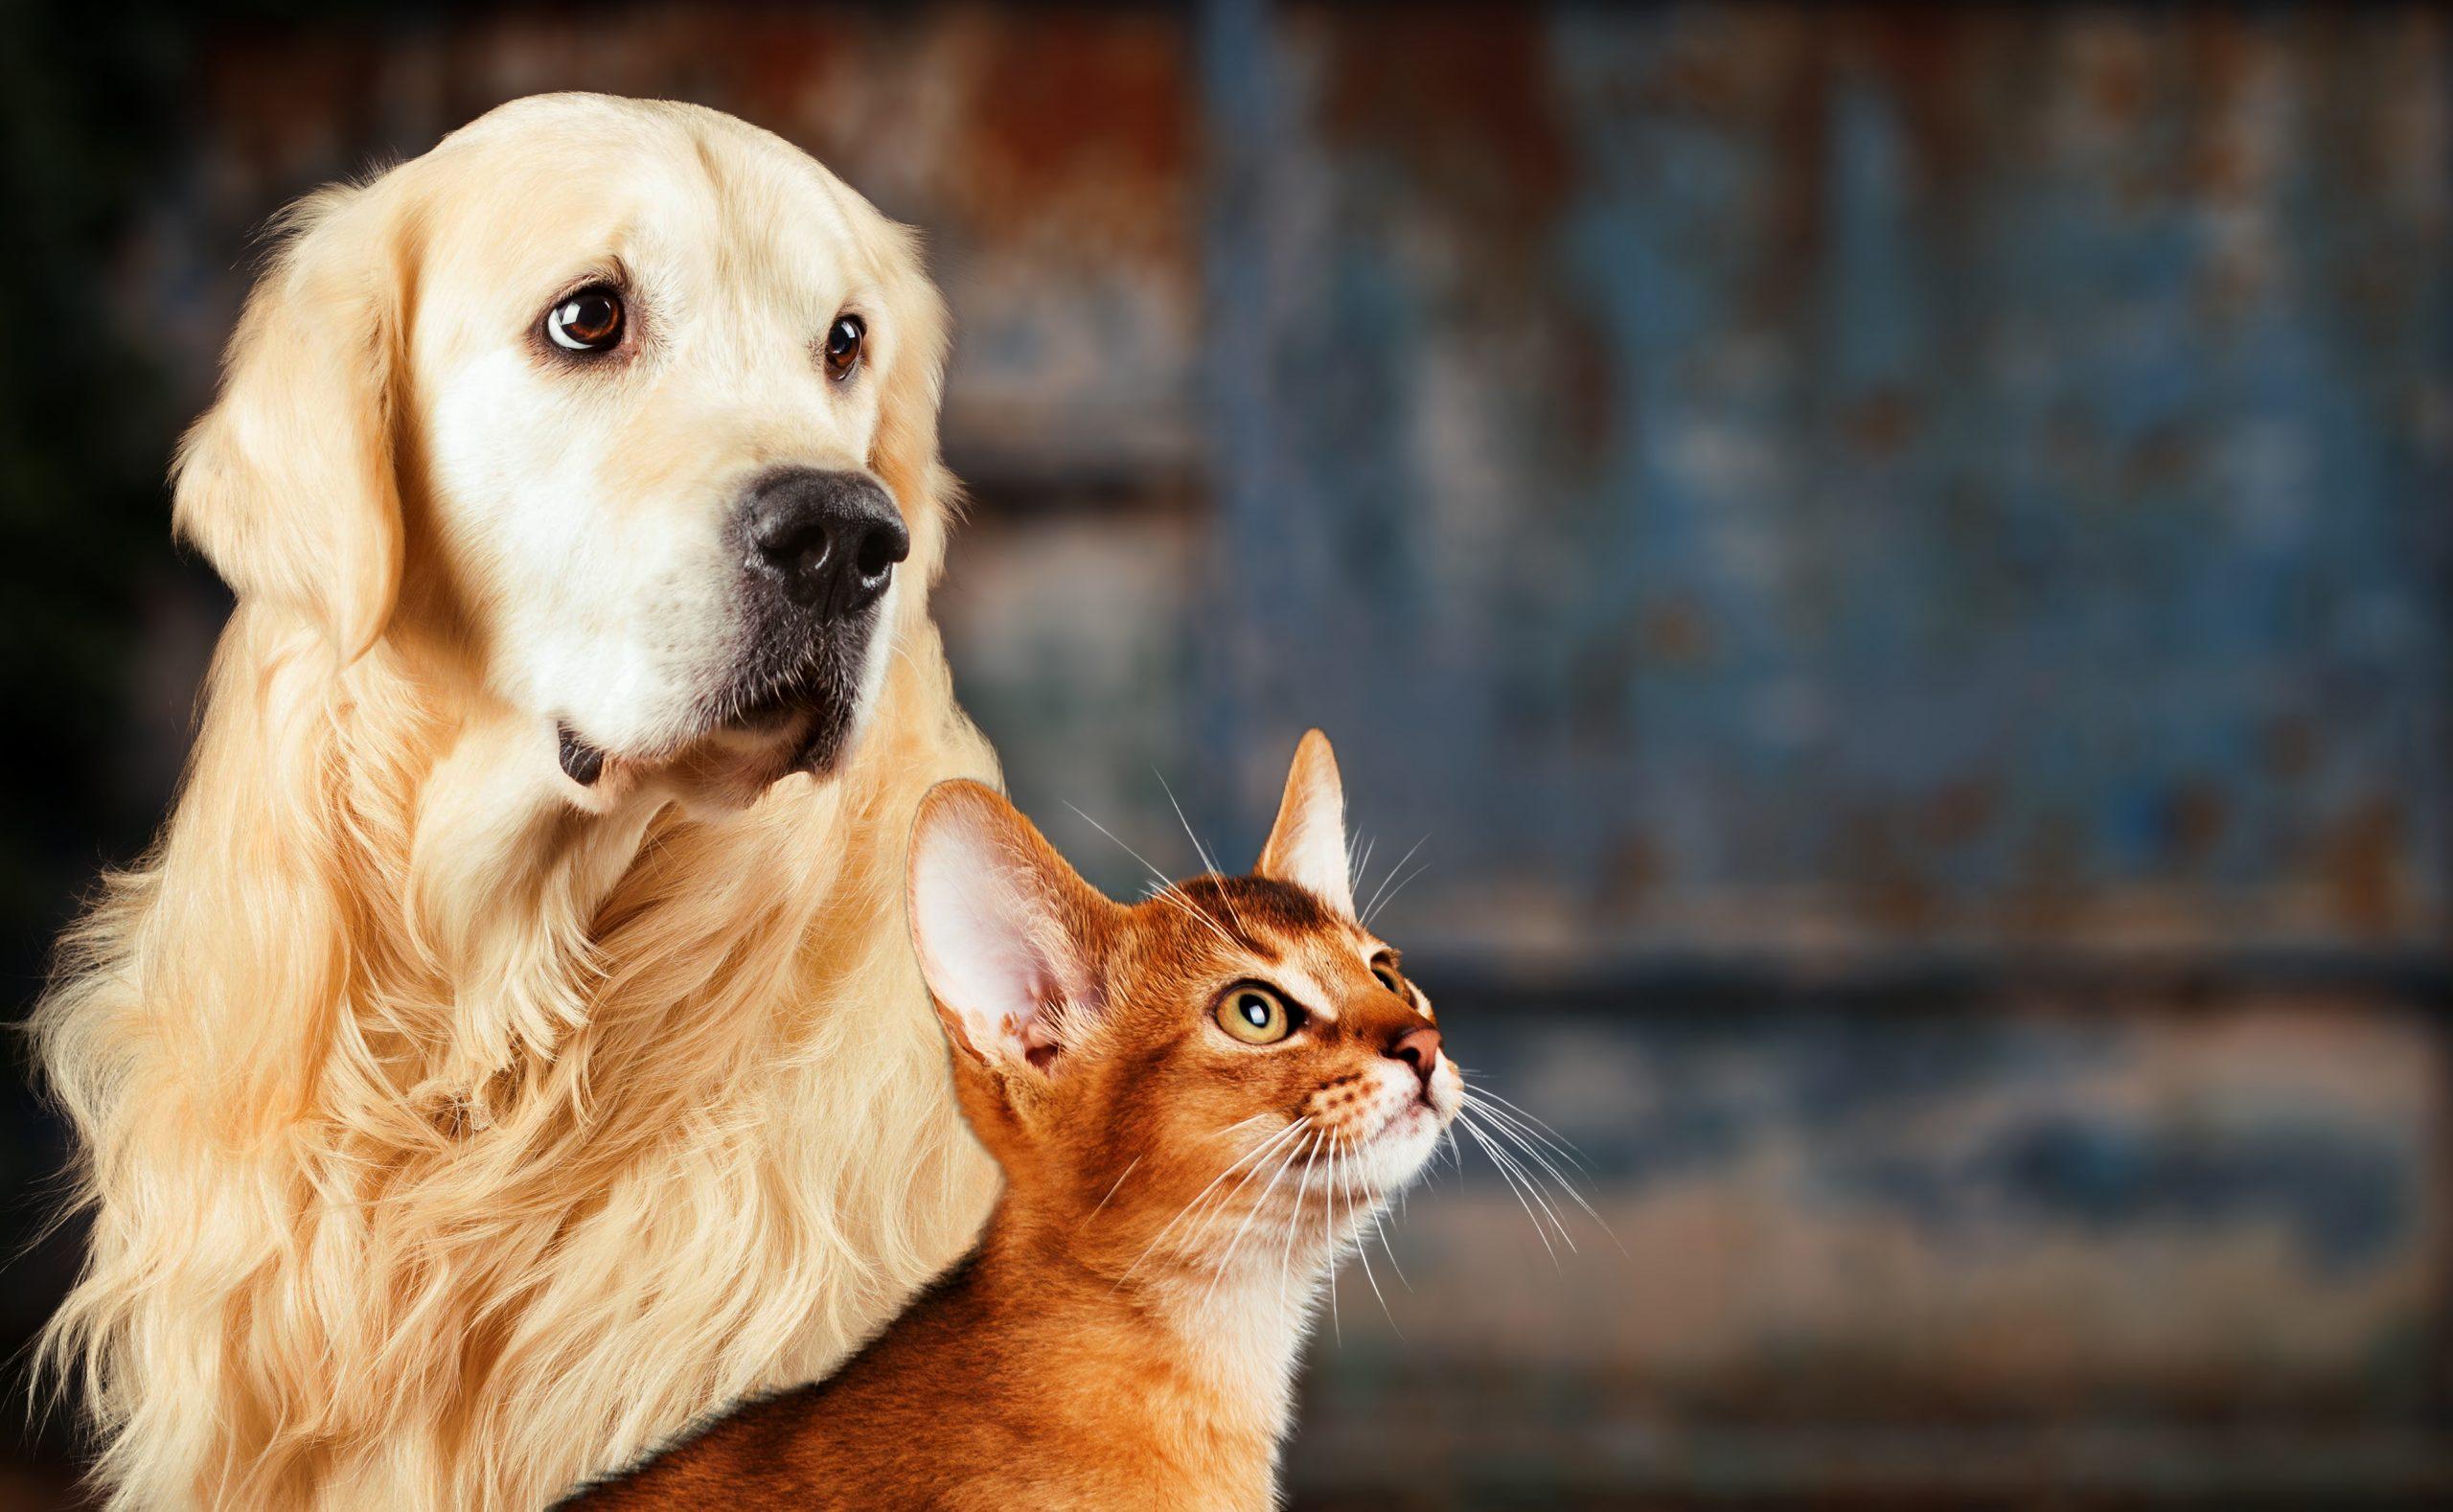 5 פתרונות טבעיים לשמירת הבריאות של חתולים וכלבים